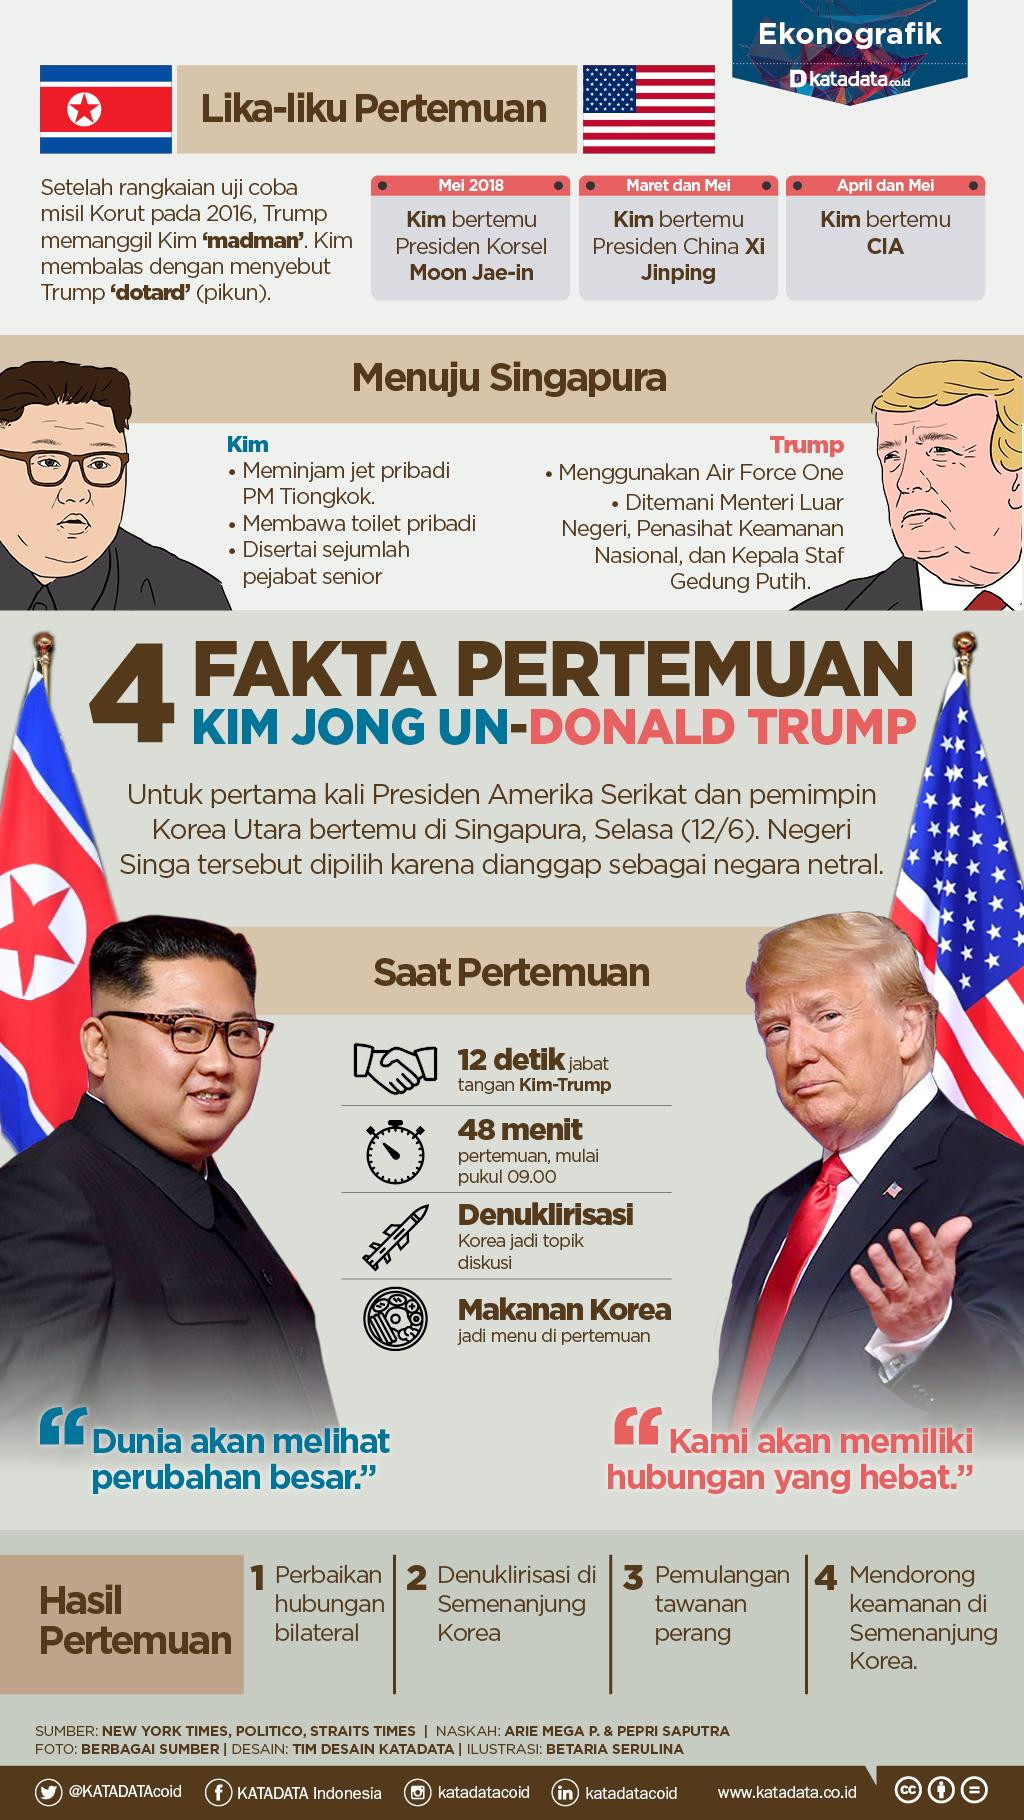 4 Fakta Pertemuan Kim Jong Un dan Donald Trump